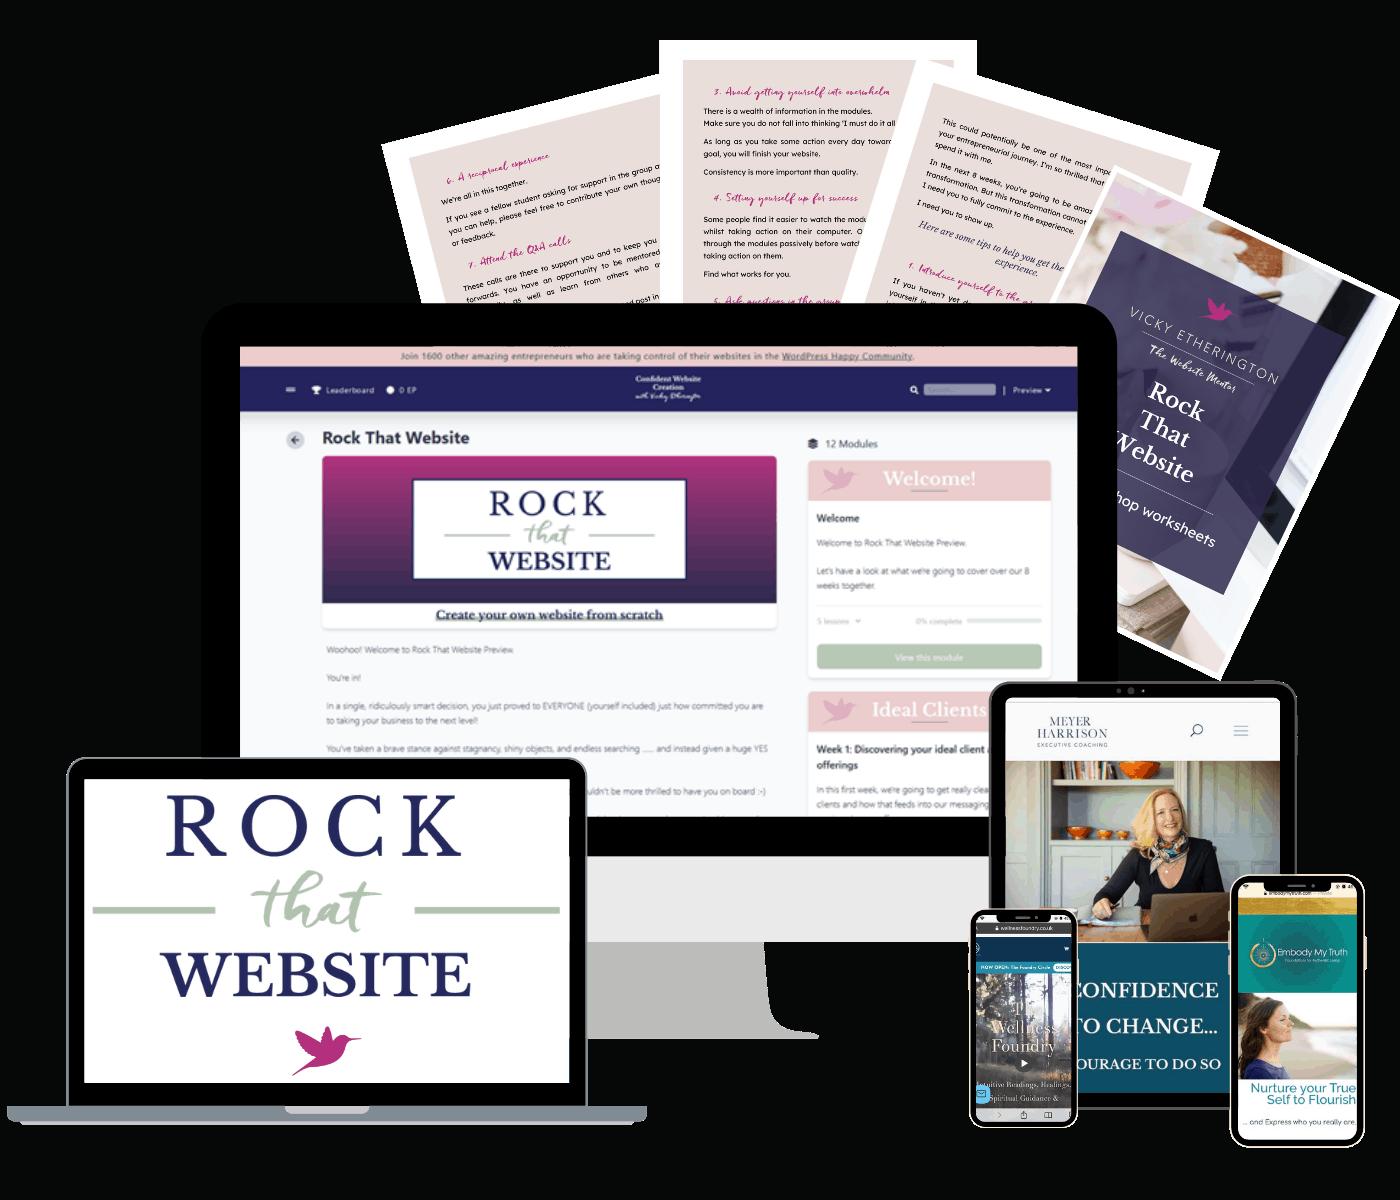 Rock that website